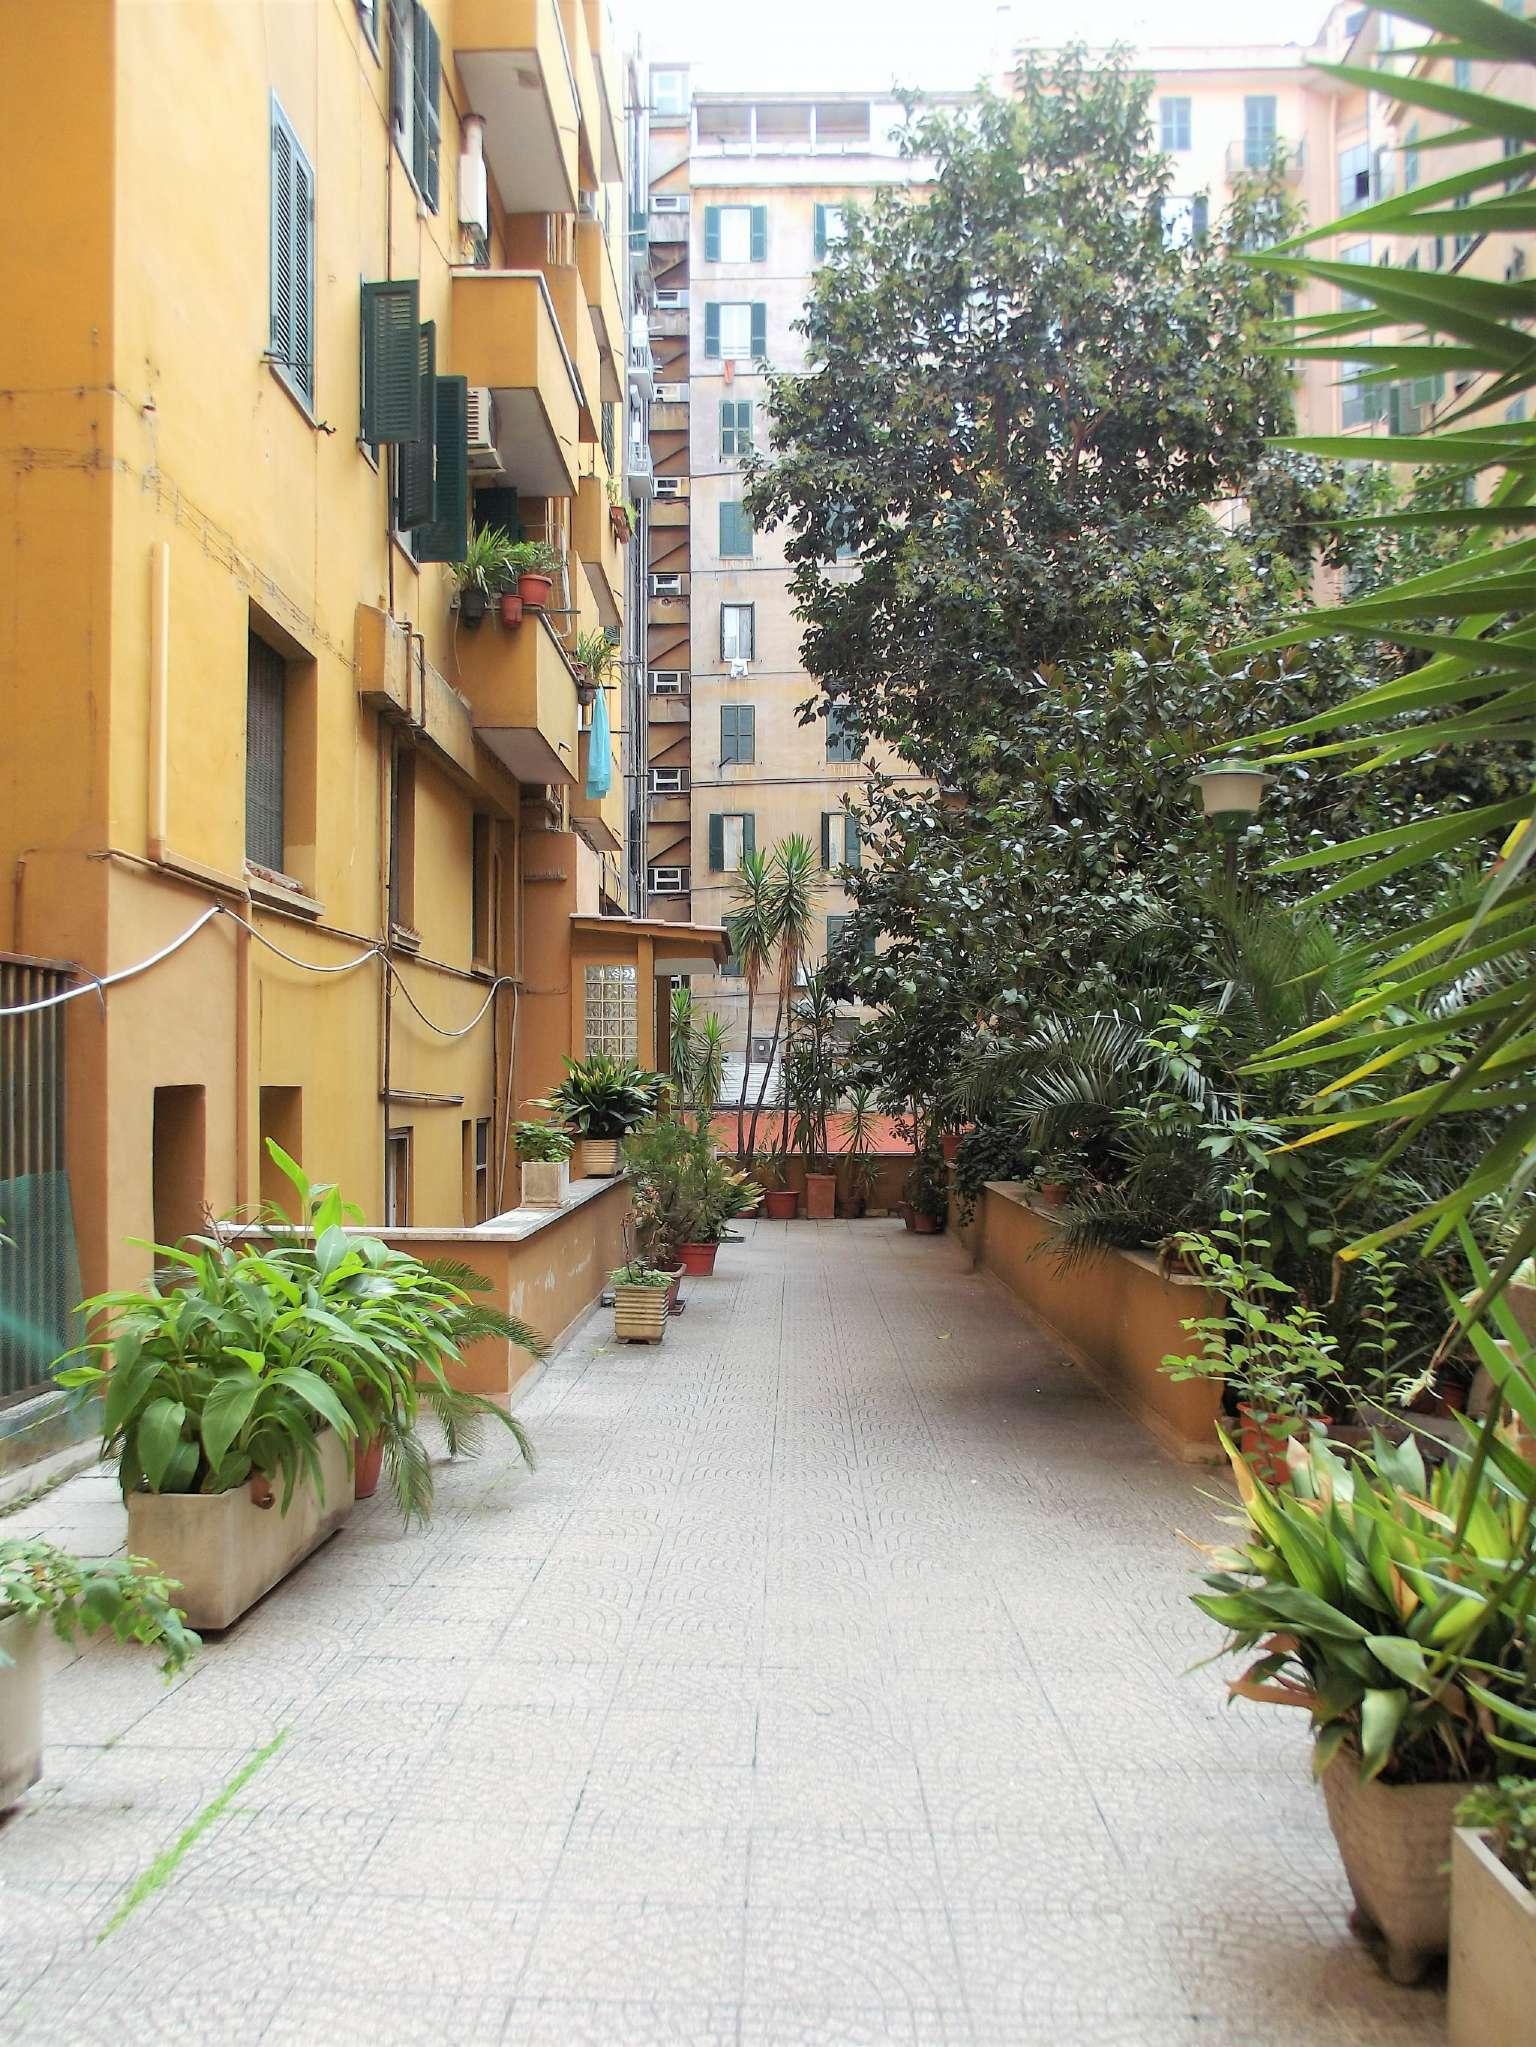 Appartamento in vendita a Roma, 1 locali, zona Zona: 4 . Nomentano, Bologna, Policlinico, prezzo € 130.000 | CambioCasa.it